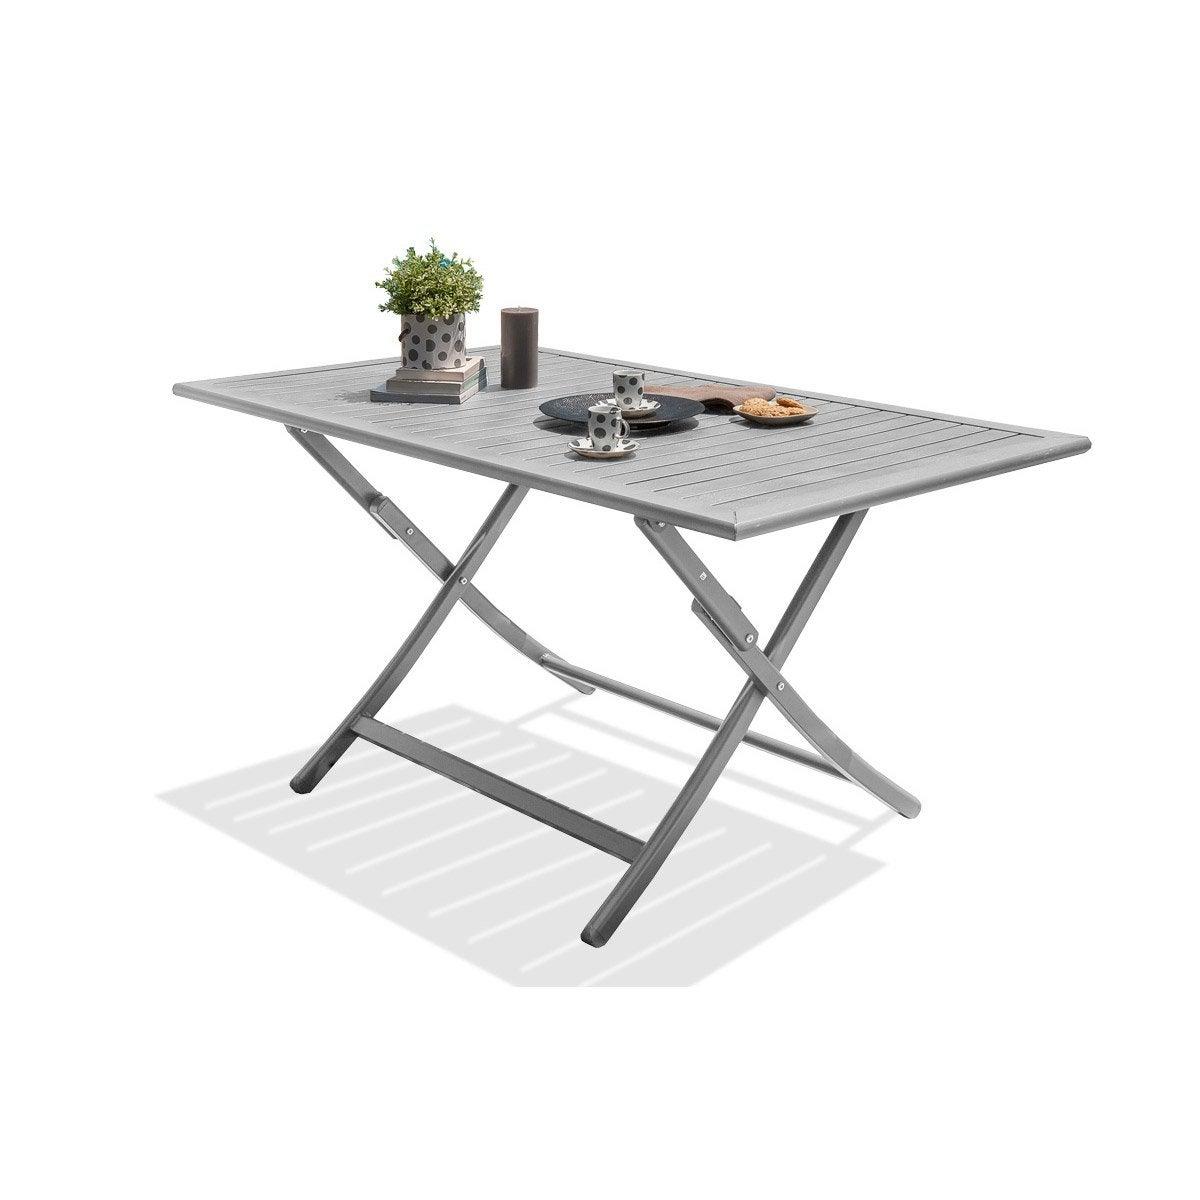 Best salon de jardin gris metal pictures amazing house - Table de jardin aluminium leroy merlin ...